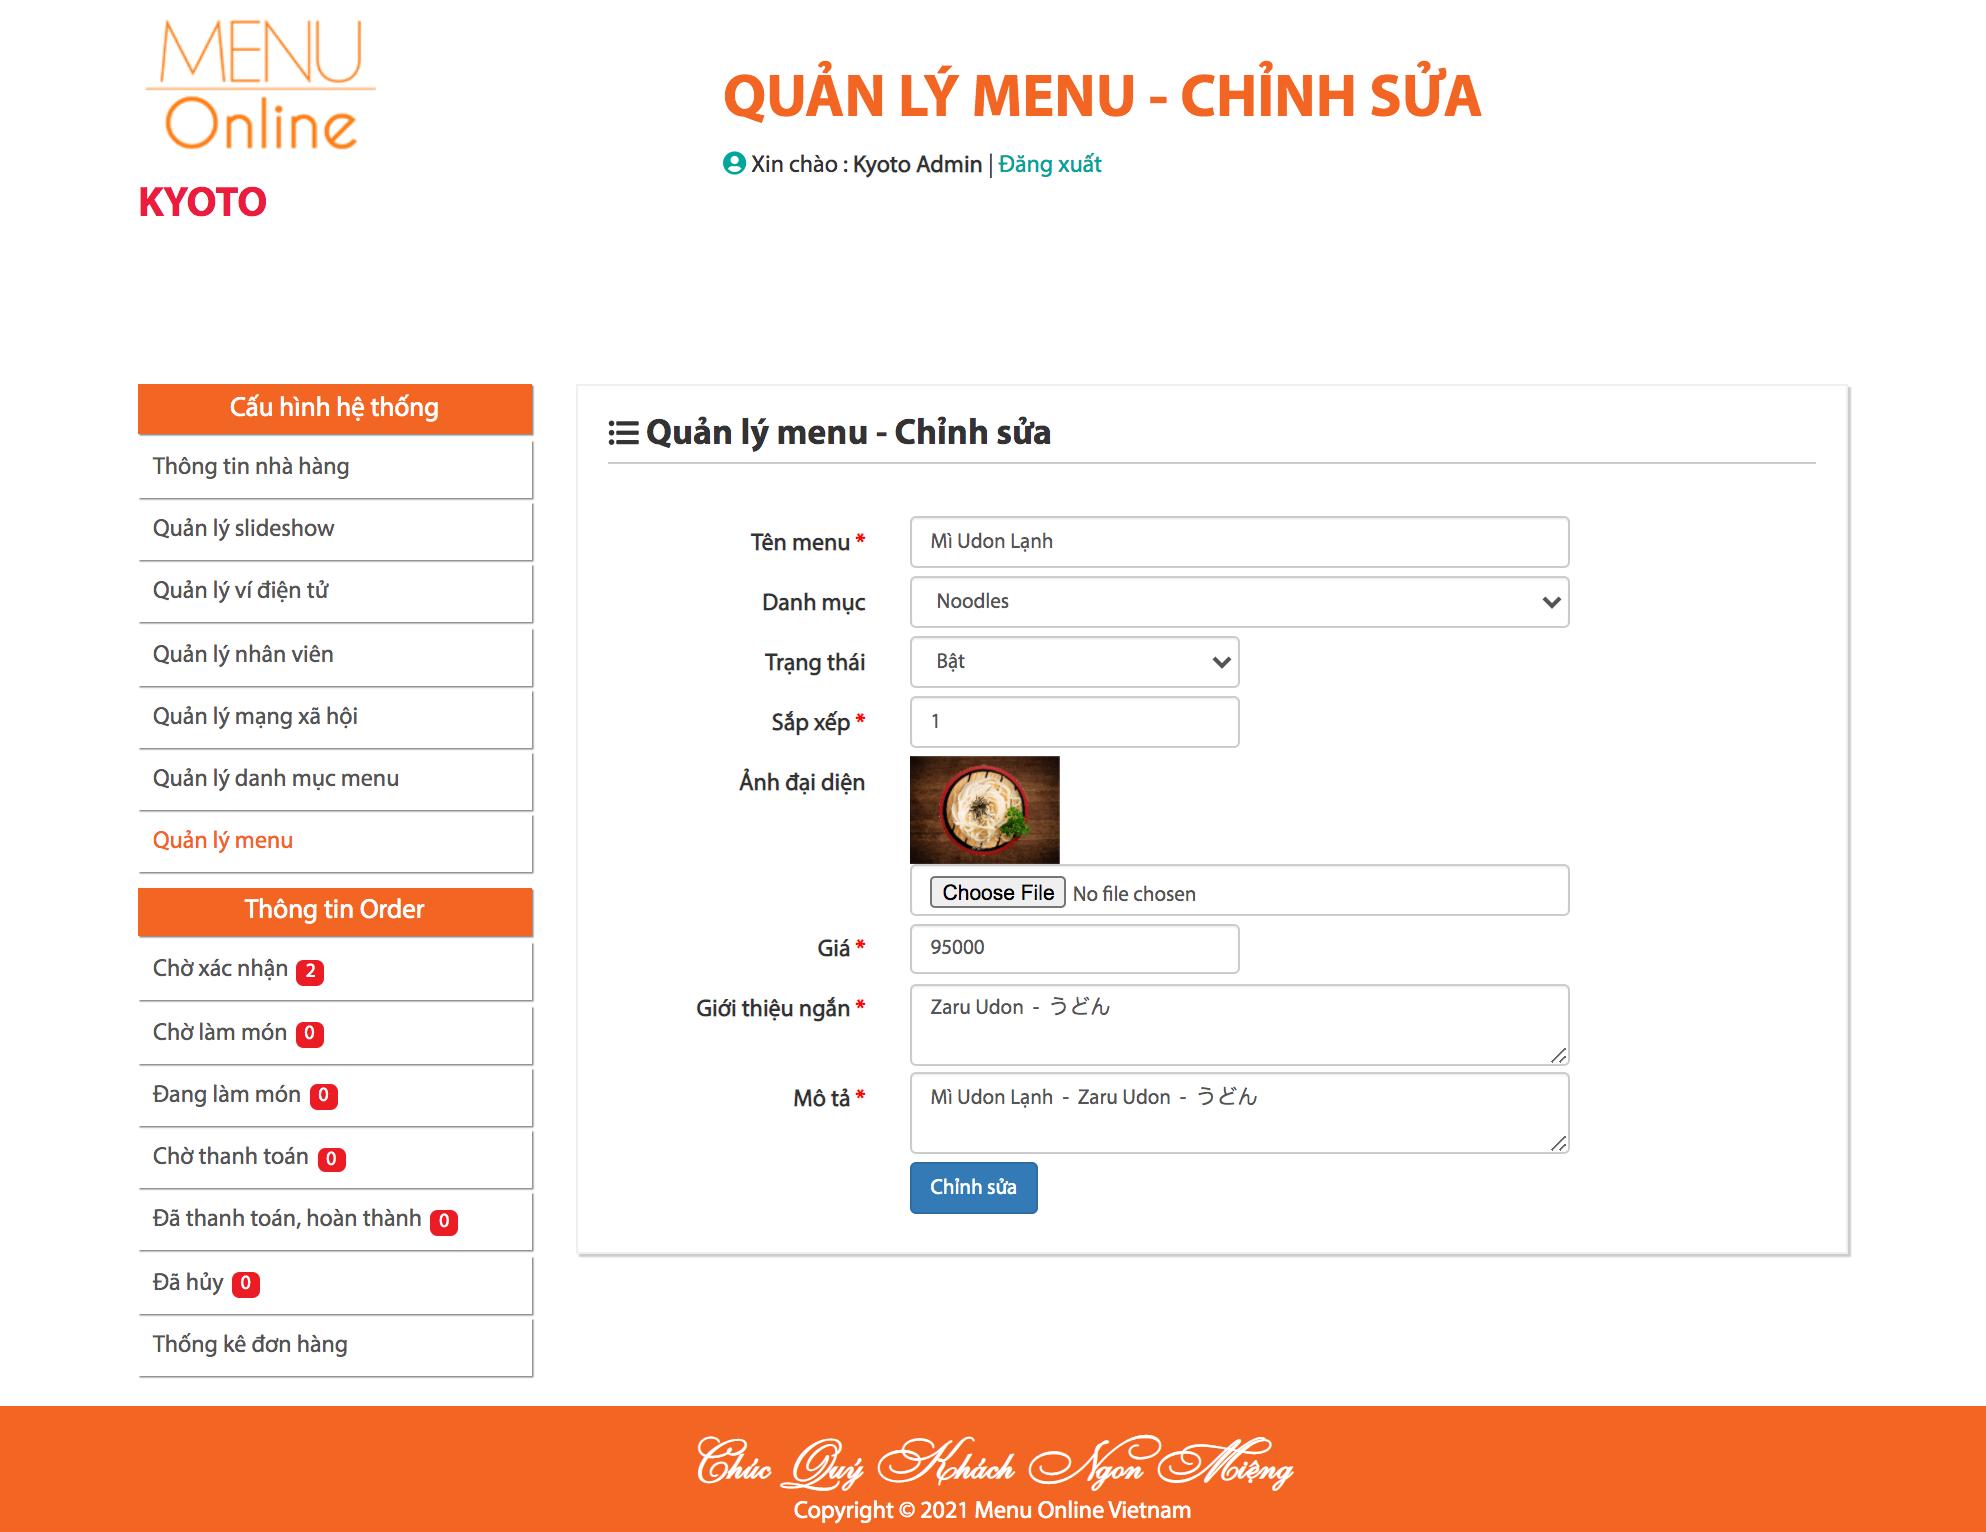 Trang quản lý menu online